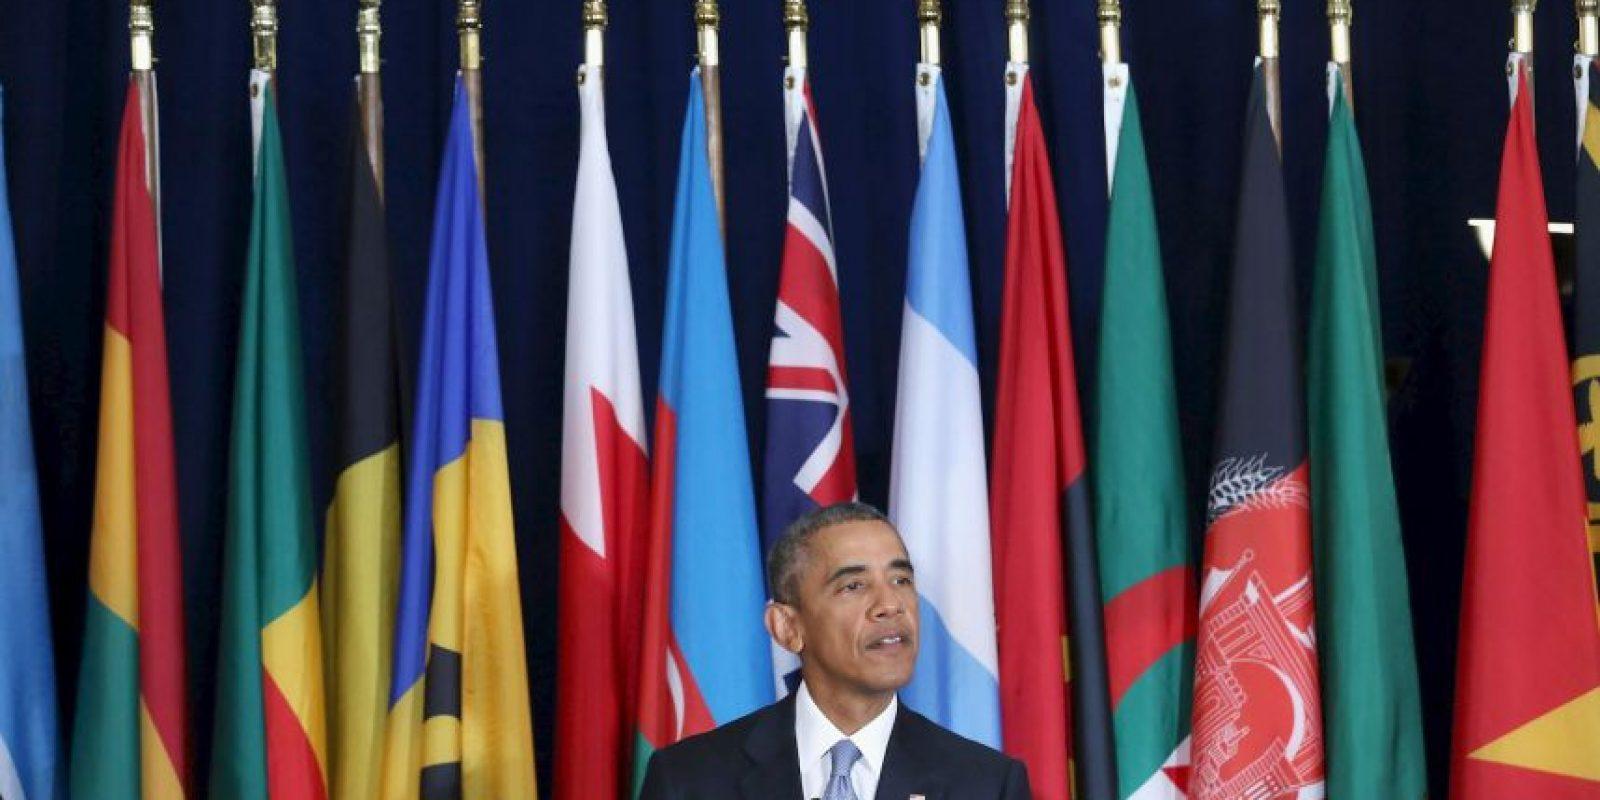 Este indicó que Estados Unidos está dispuesto a trabajar con otras naciones contra la guerra en Siria. Foto:Getty Images